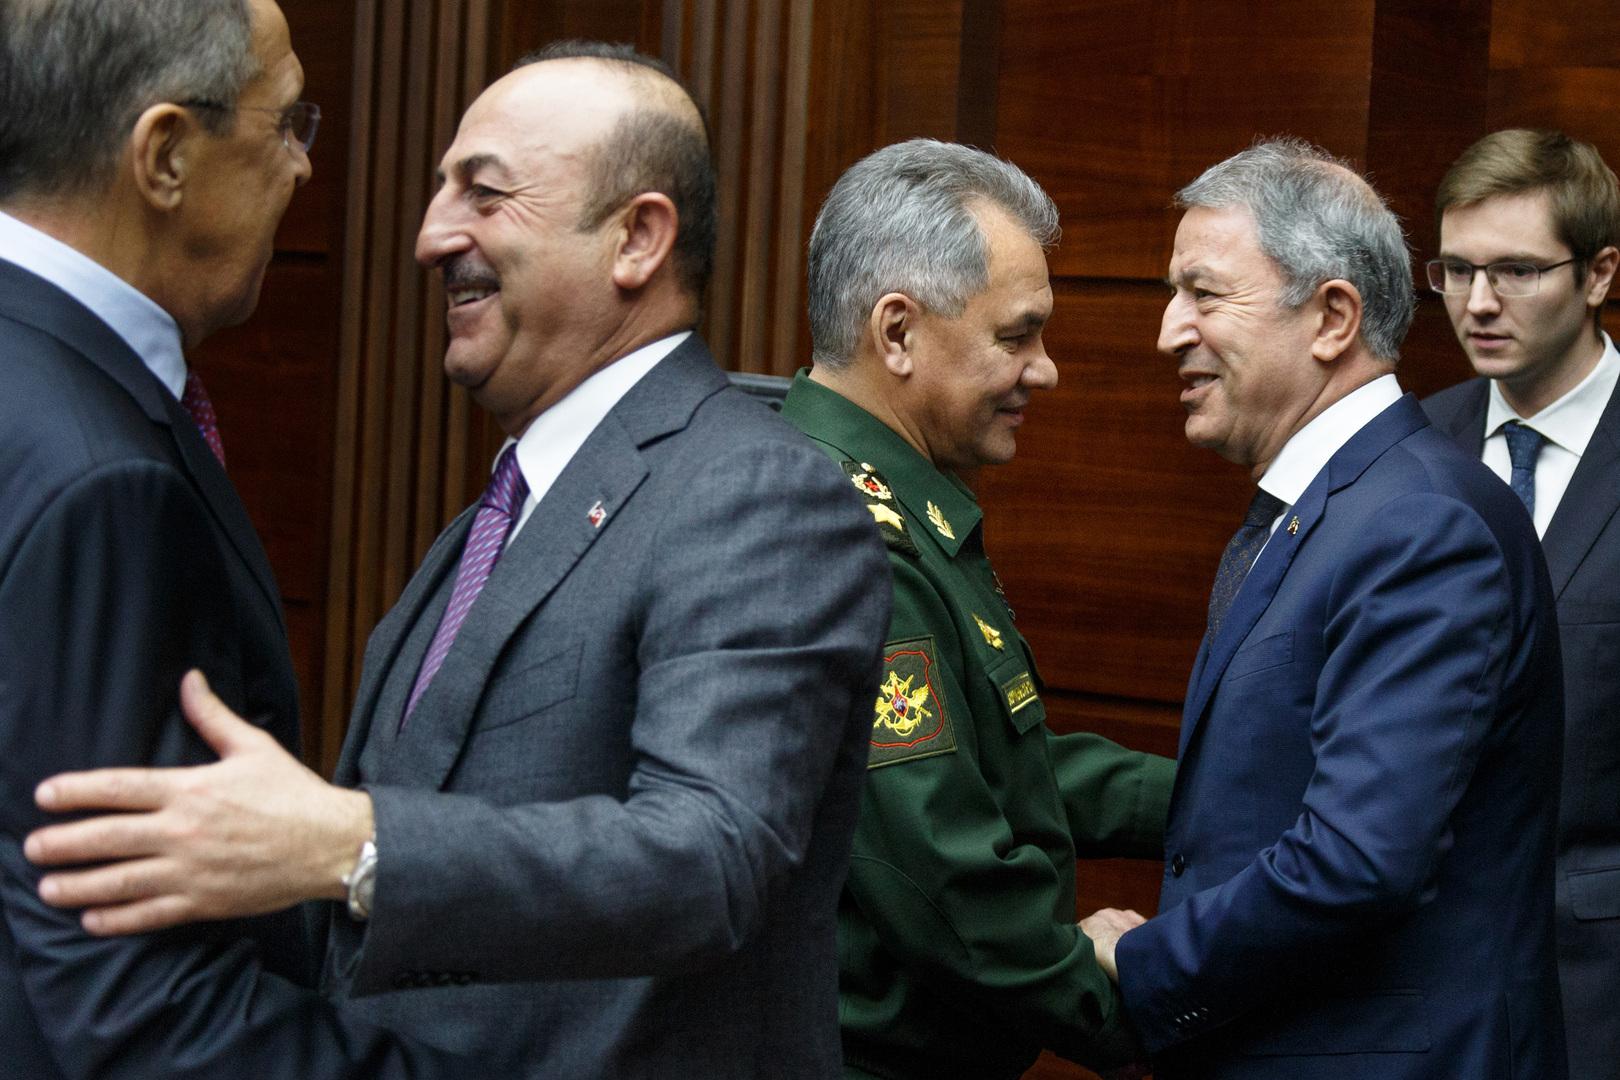 وزيرا الخارجية والدفاع التركيان في موسكو لبحث ملفات ليبيا وسوريا والشرق الأوسط